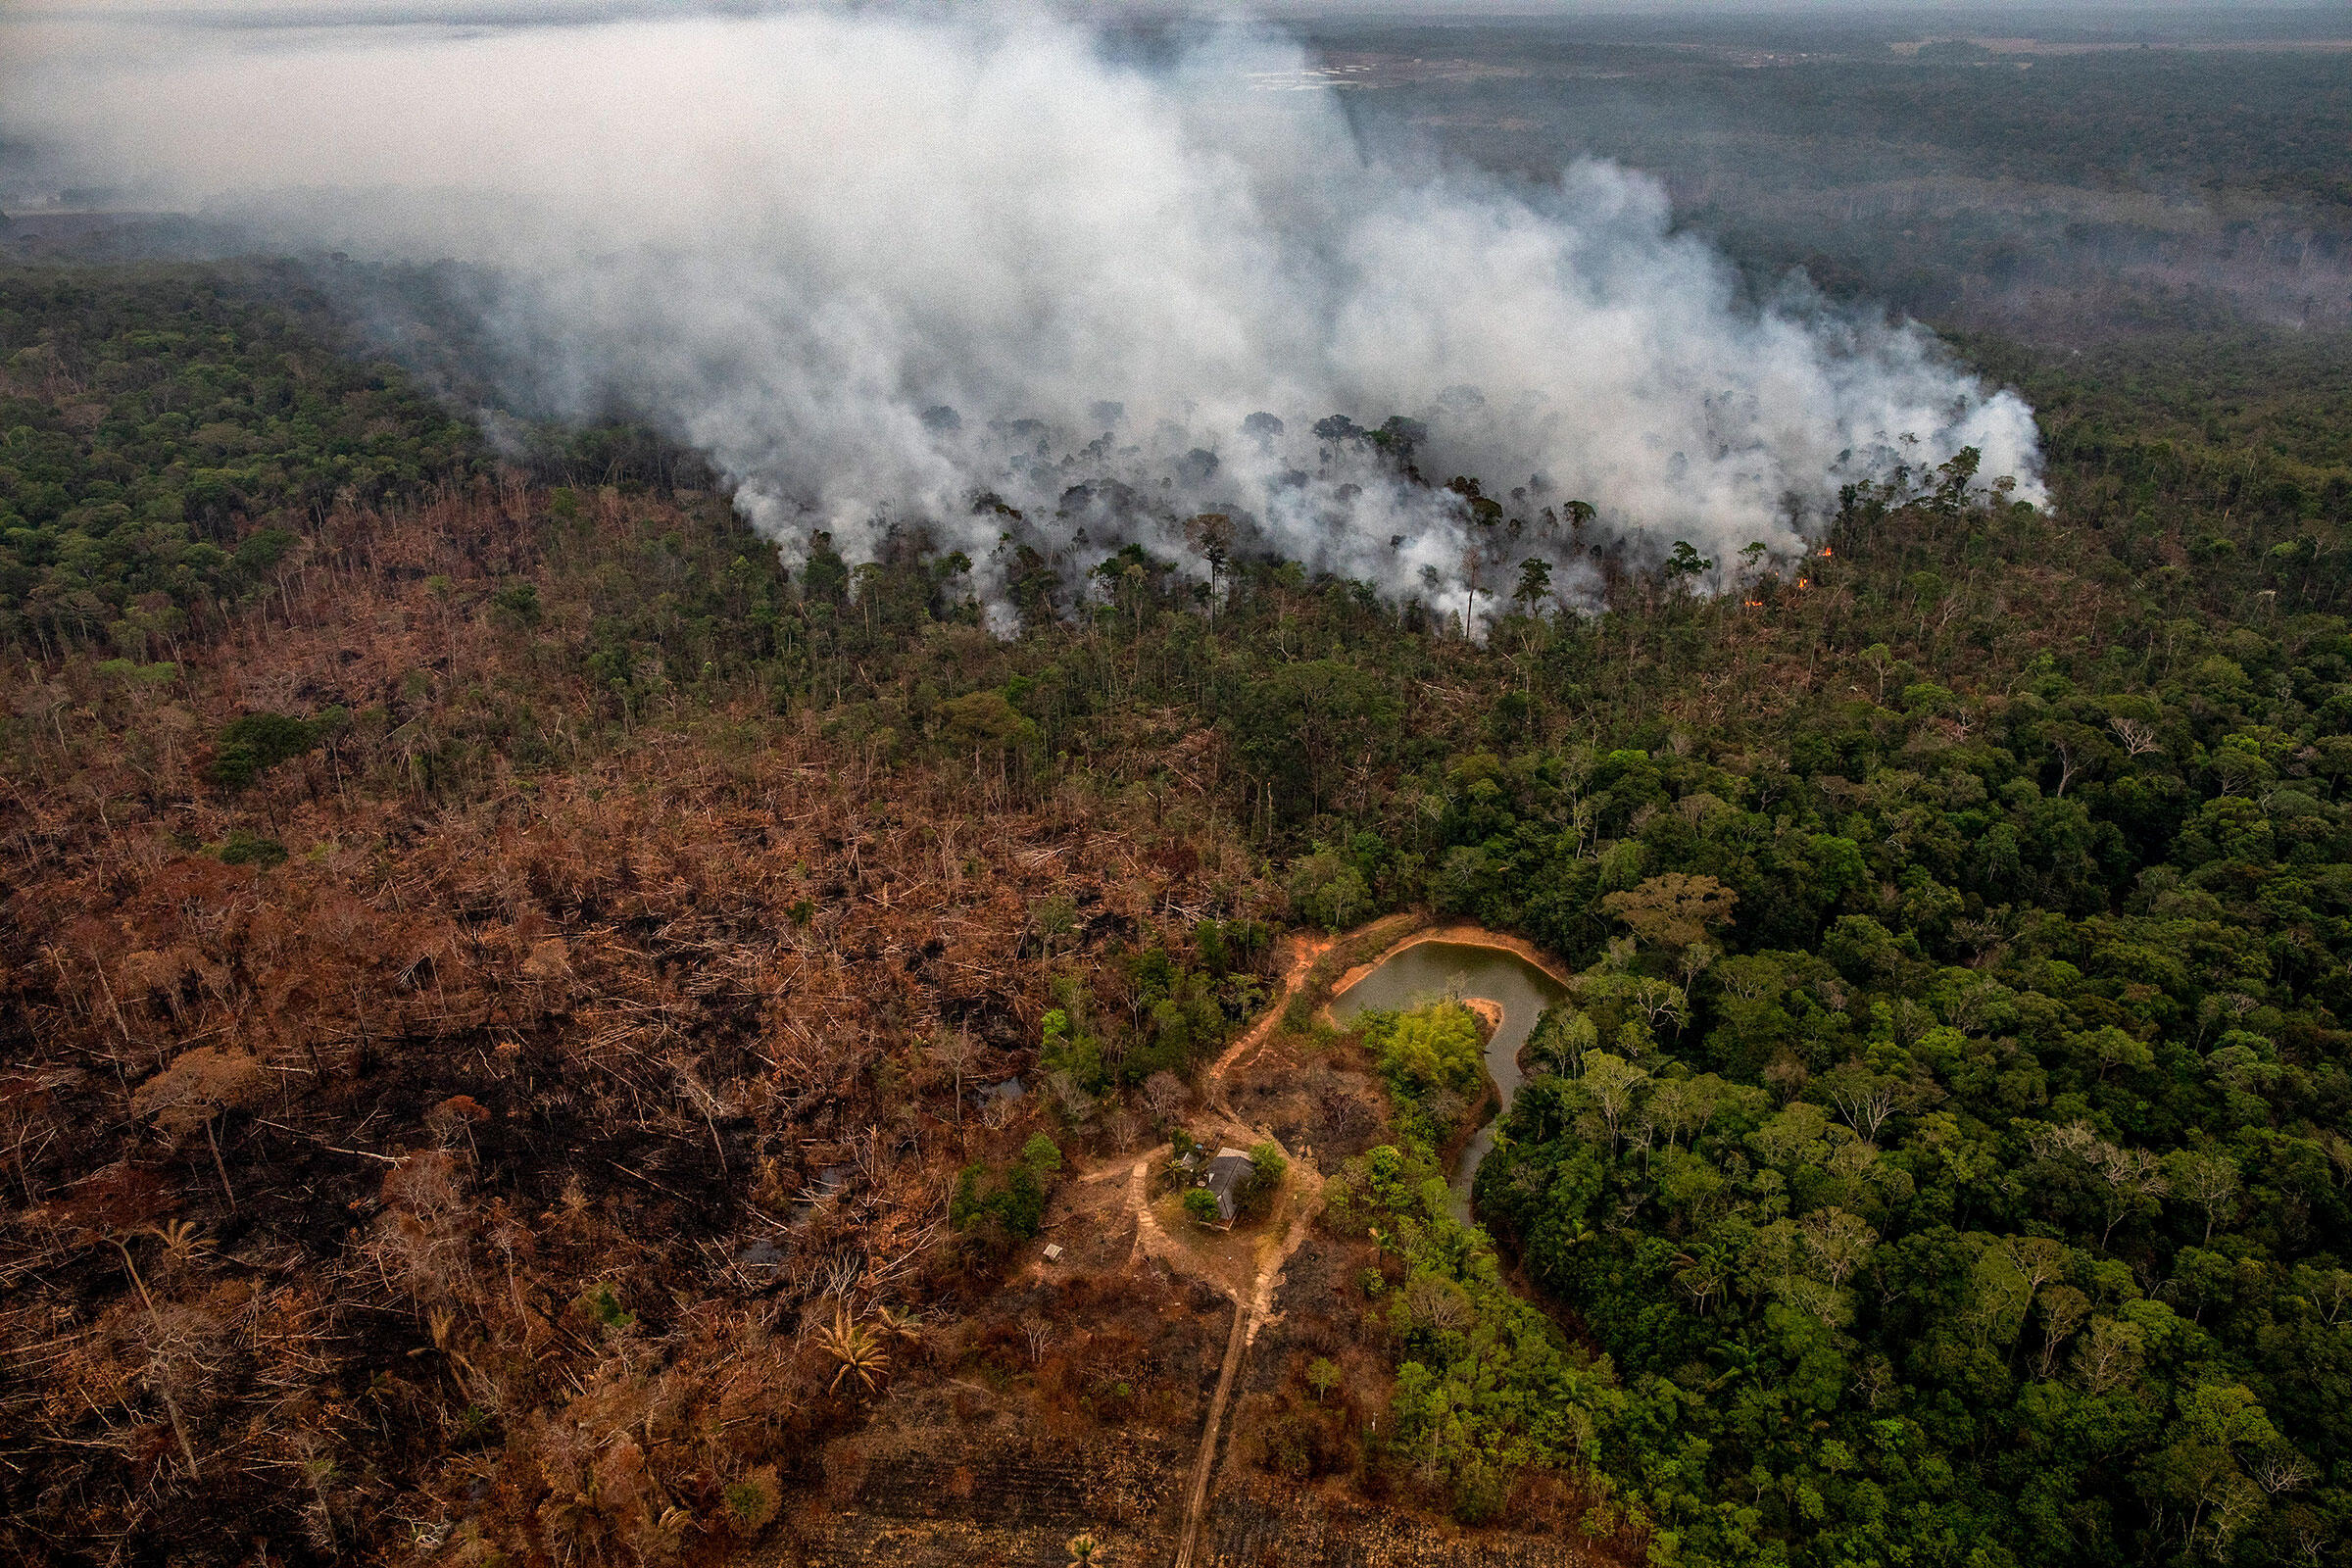 Fires burn in the Amazon rainforest near Porto Velho, Brazil August 2019. Victor Moriyama/The New York Times